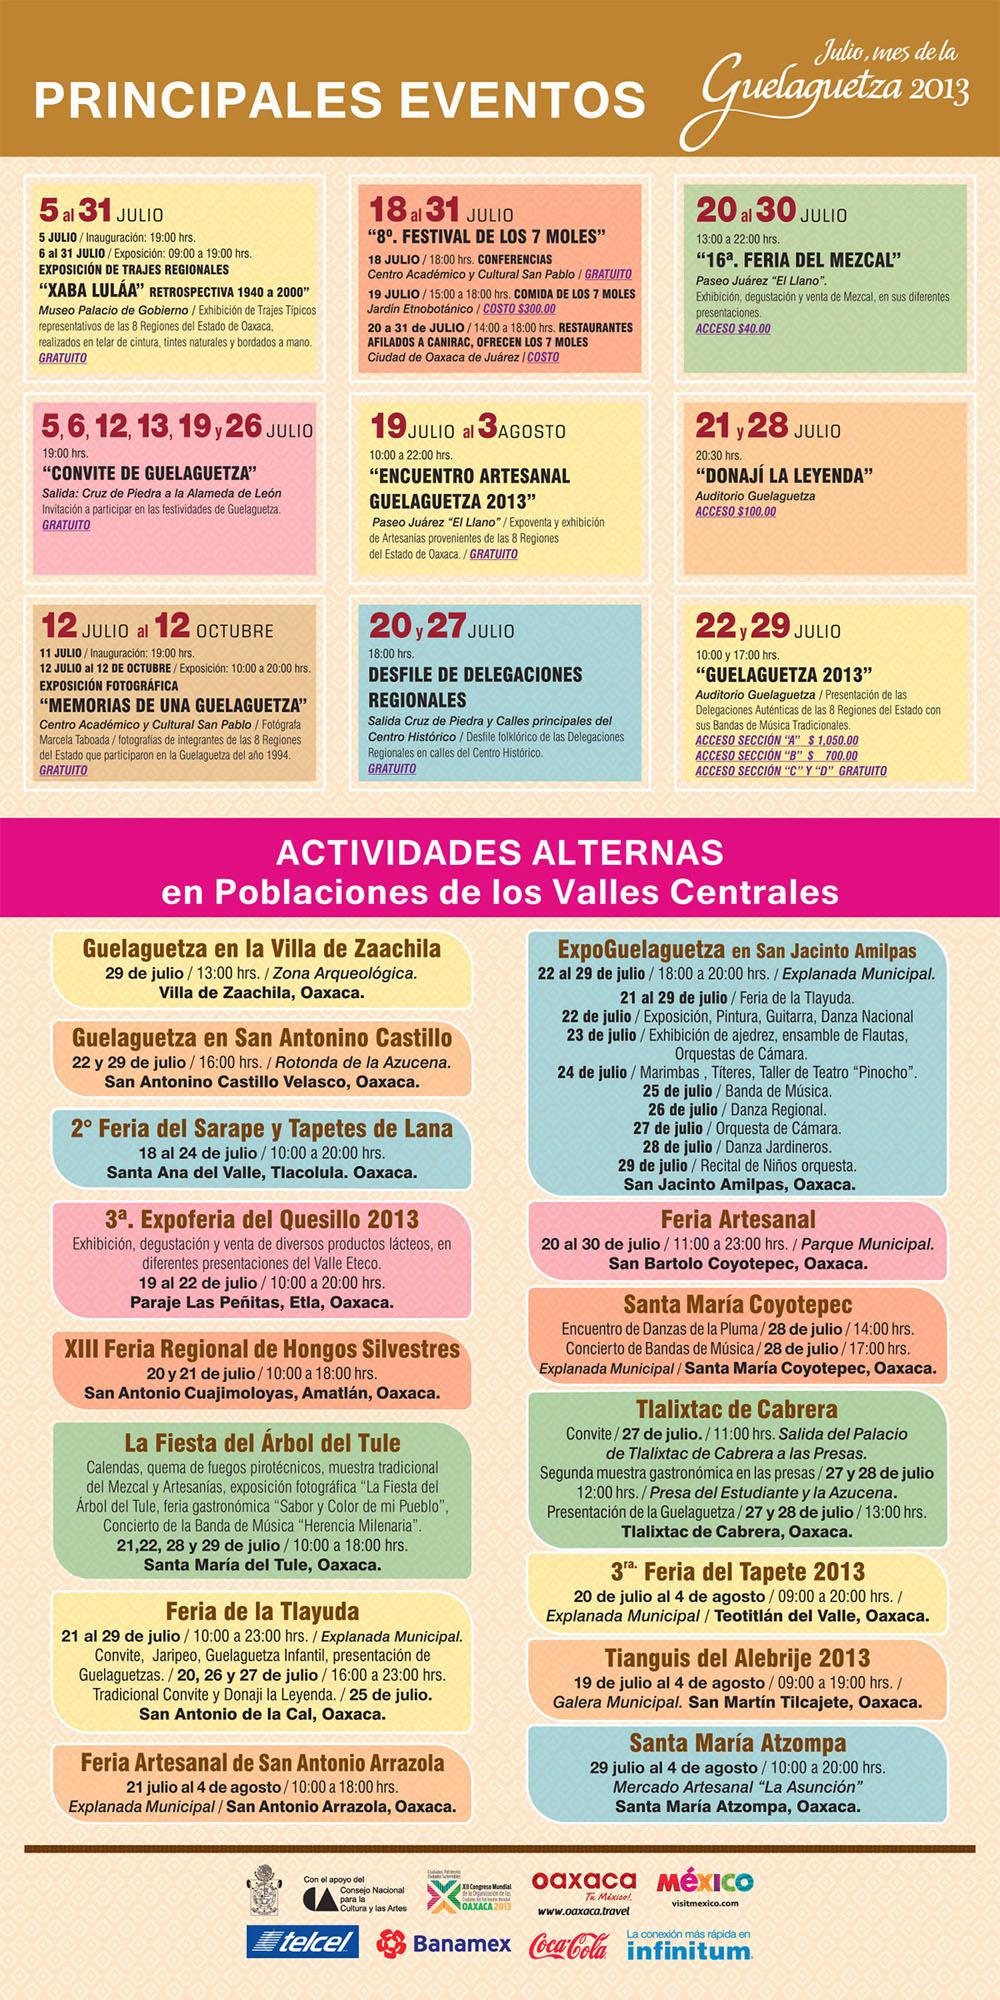 Programa de actividades y eventos Guelaguetza 2013